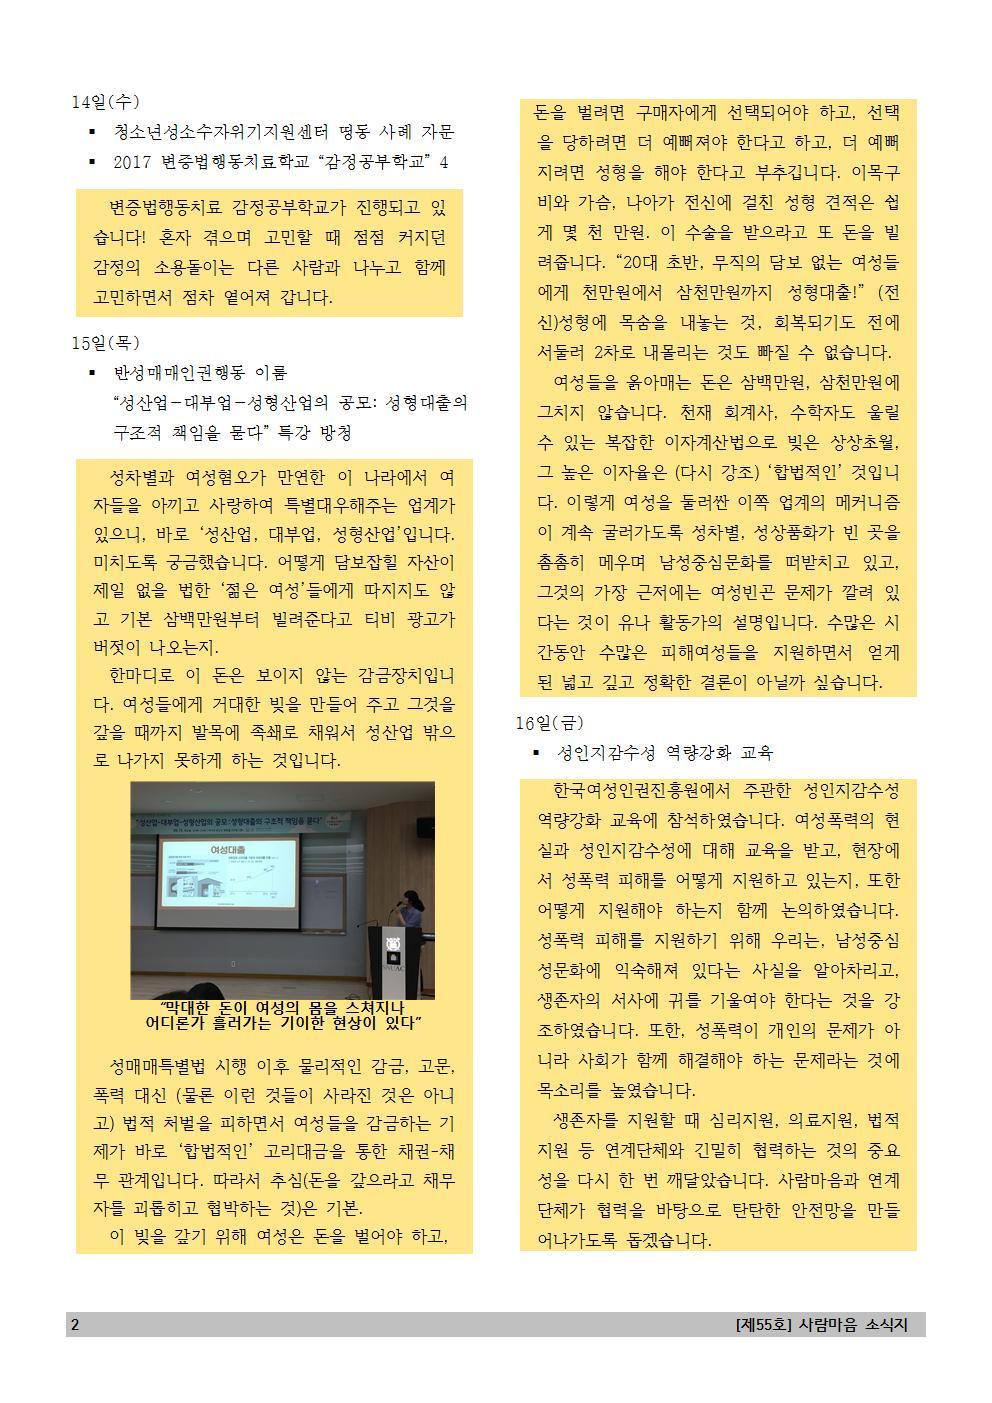 201707_55th_news letter (3).jpg